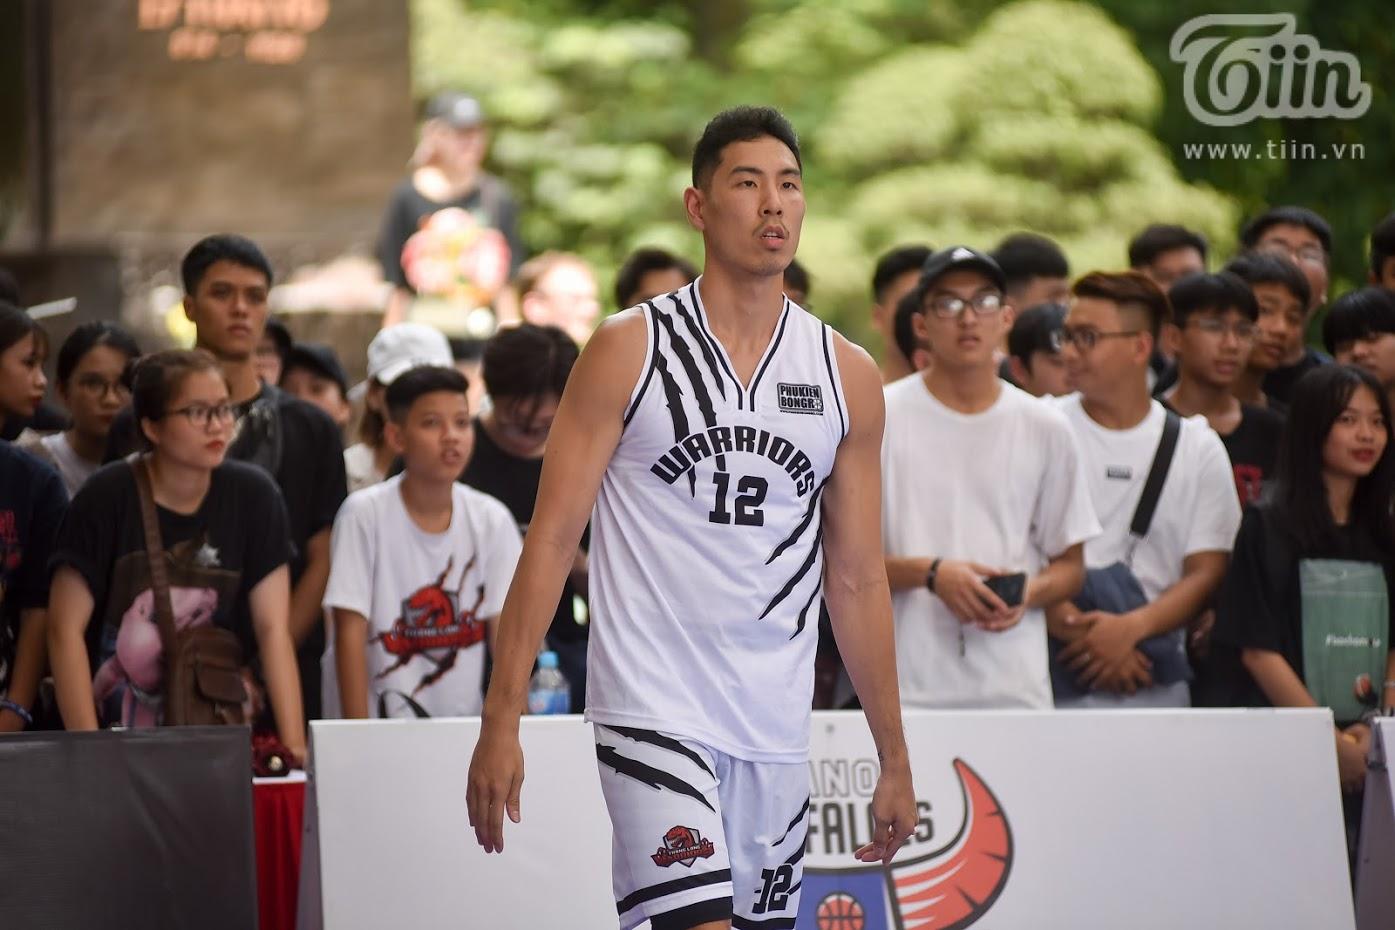 Giải bóng rổ chưa có tiền lệ giữa phố đi bộ Hồ Gươm: Giới trẻbất chấp nắng nóng gay gắt đến xem chật cứng 13